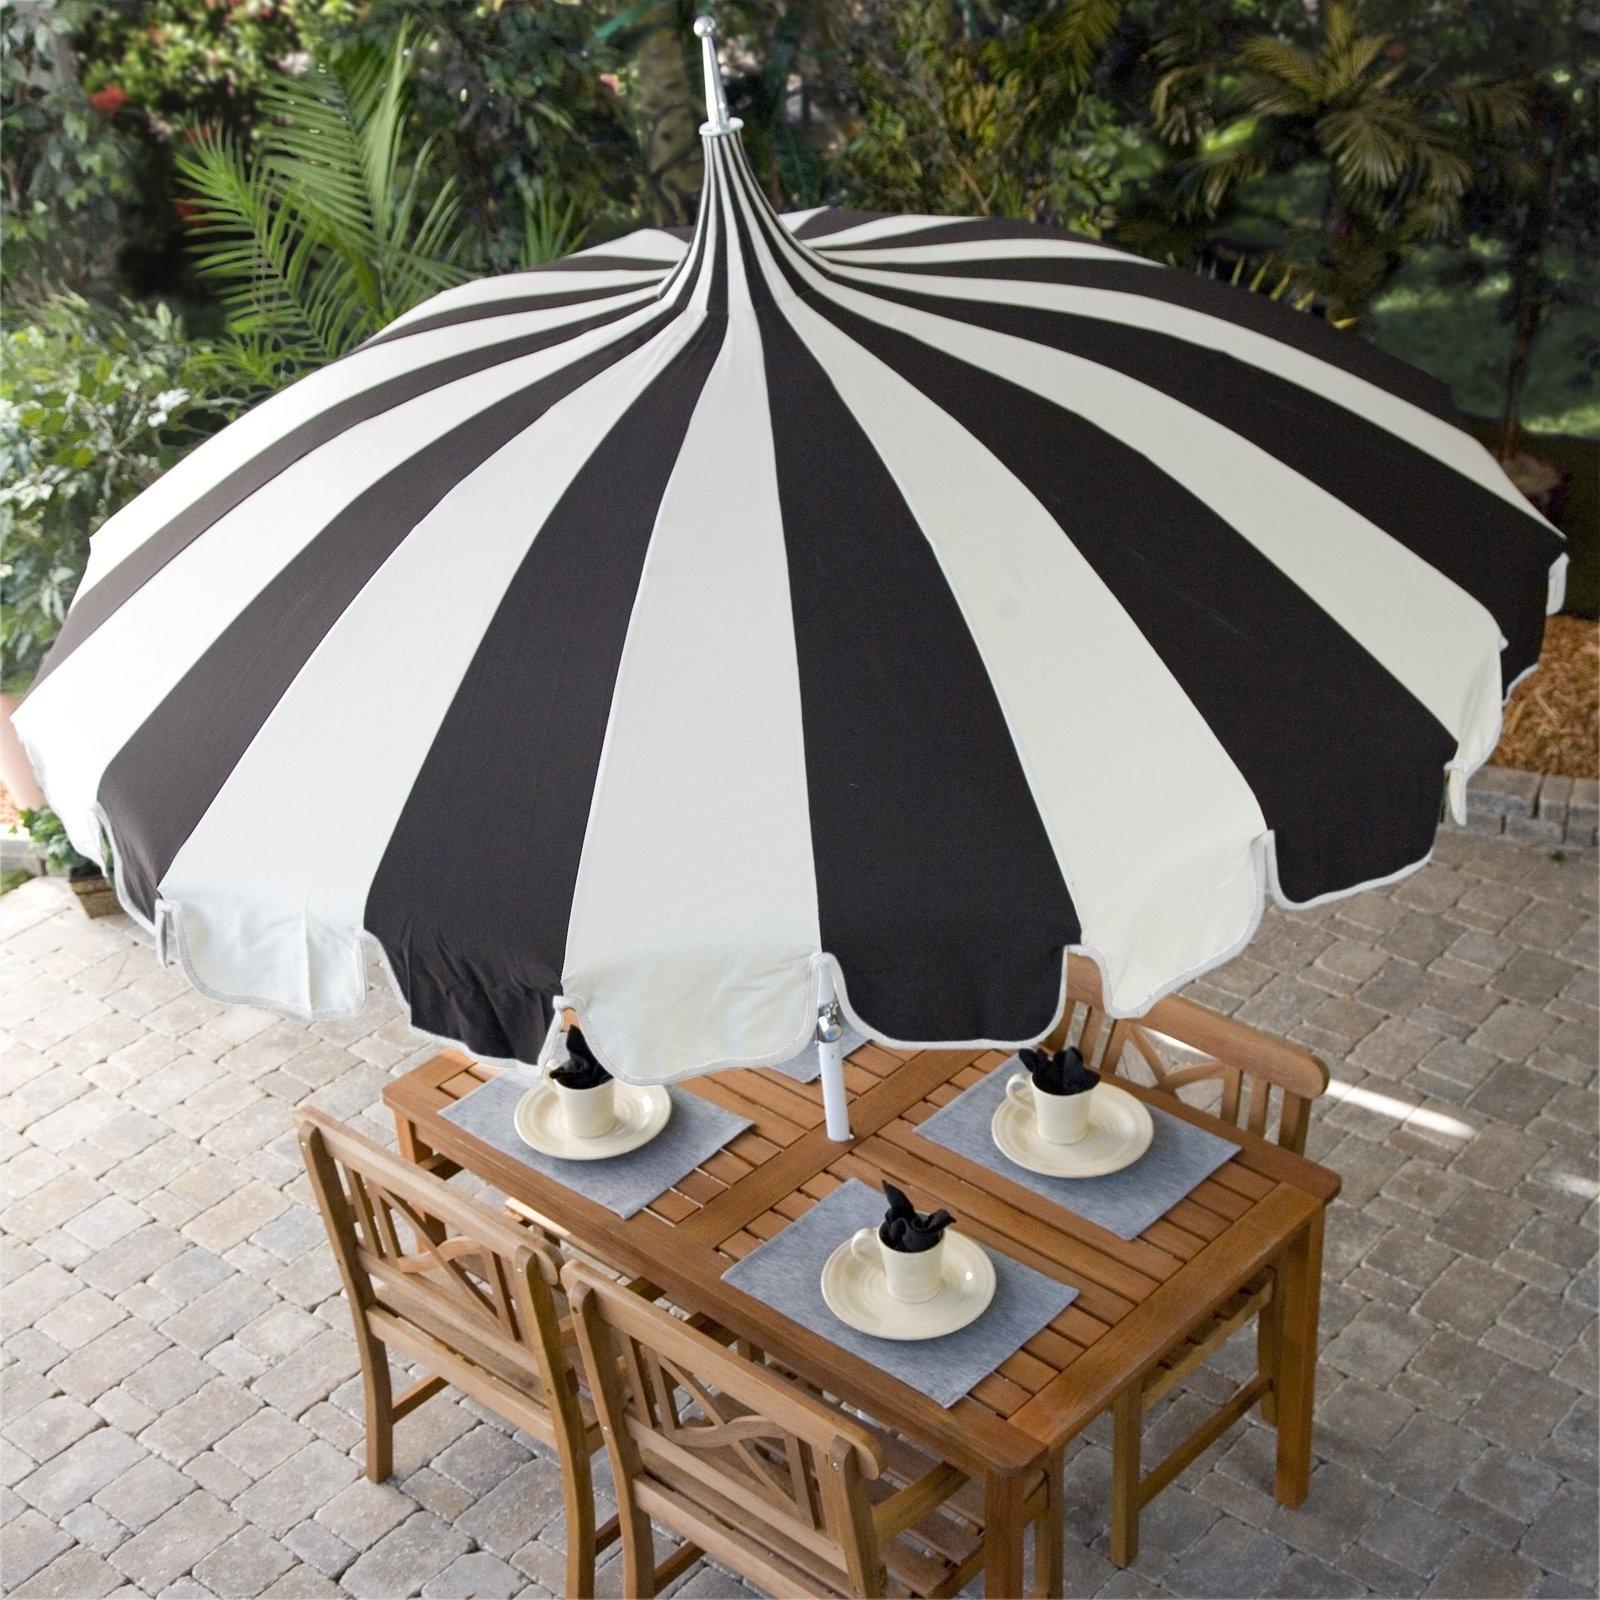 Trendy Patio Umbrellas Toronto Lovely Patio Extraordinary Tables With Within Unusual Patio Umbrellas (Gallery 3 of 20)